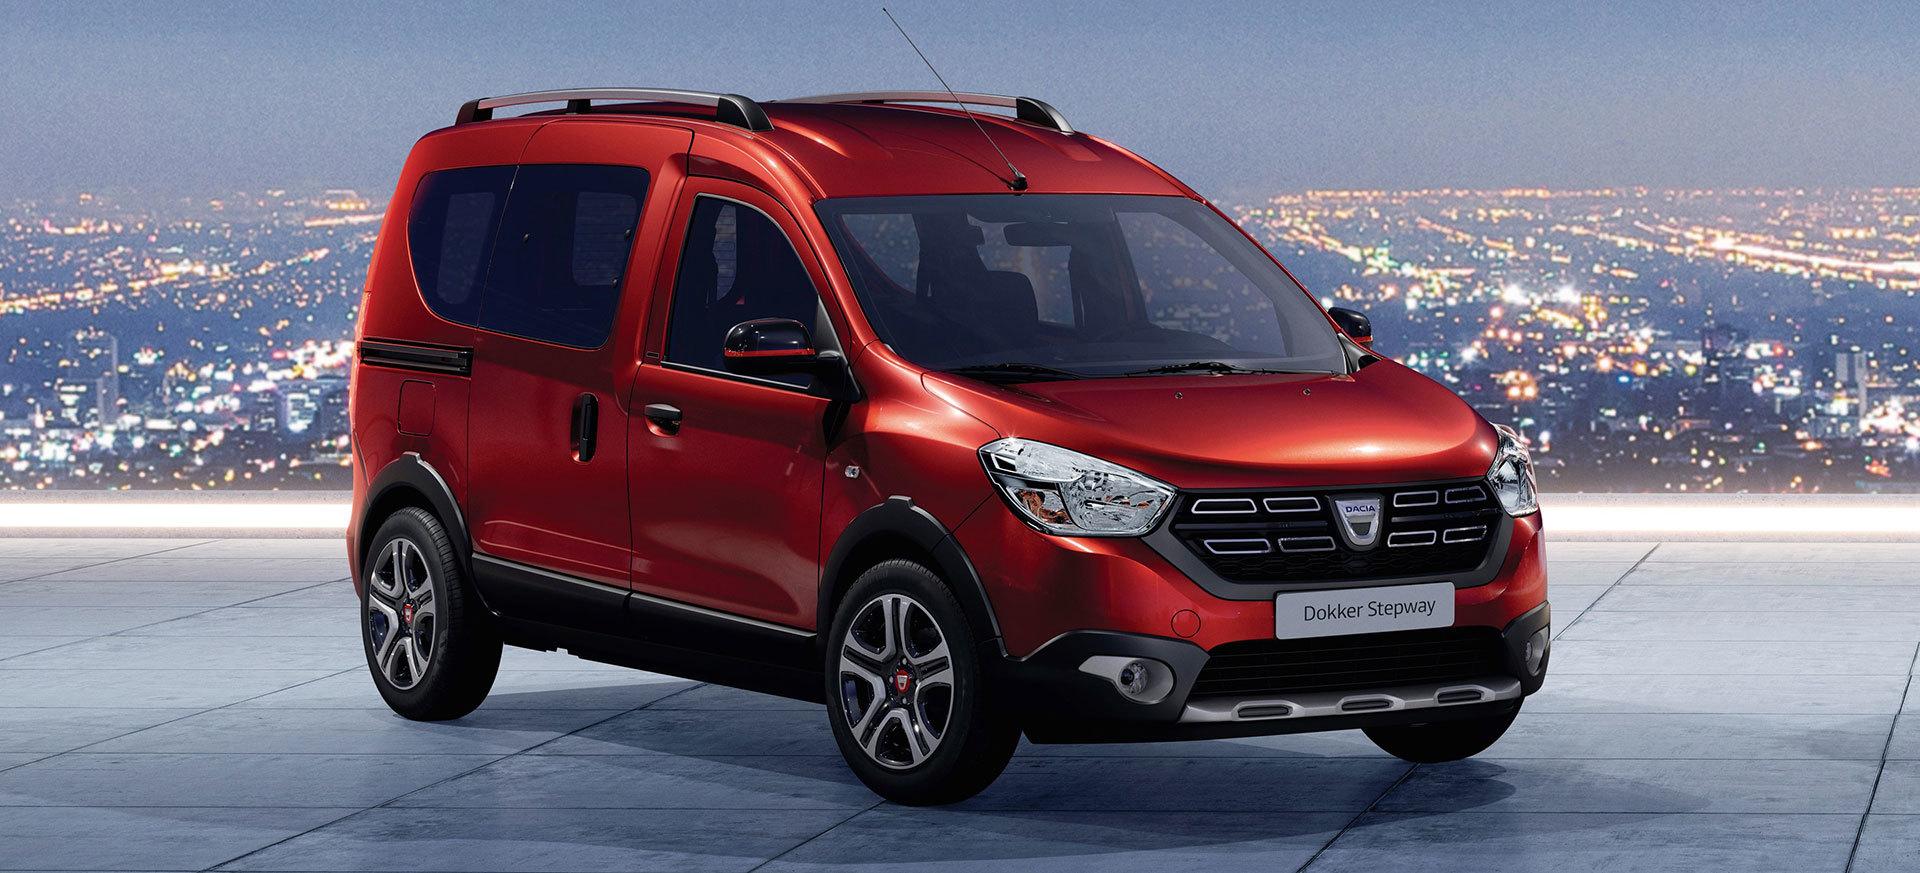 Dacia Dokker Xplore 2019 04